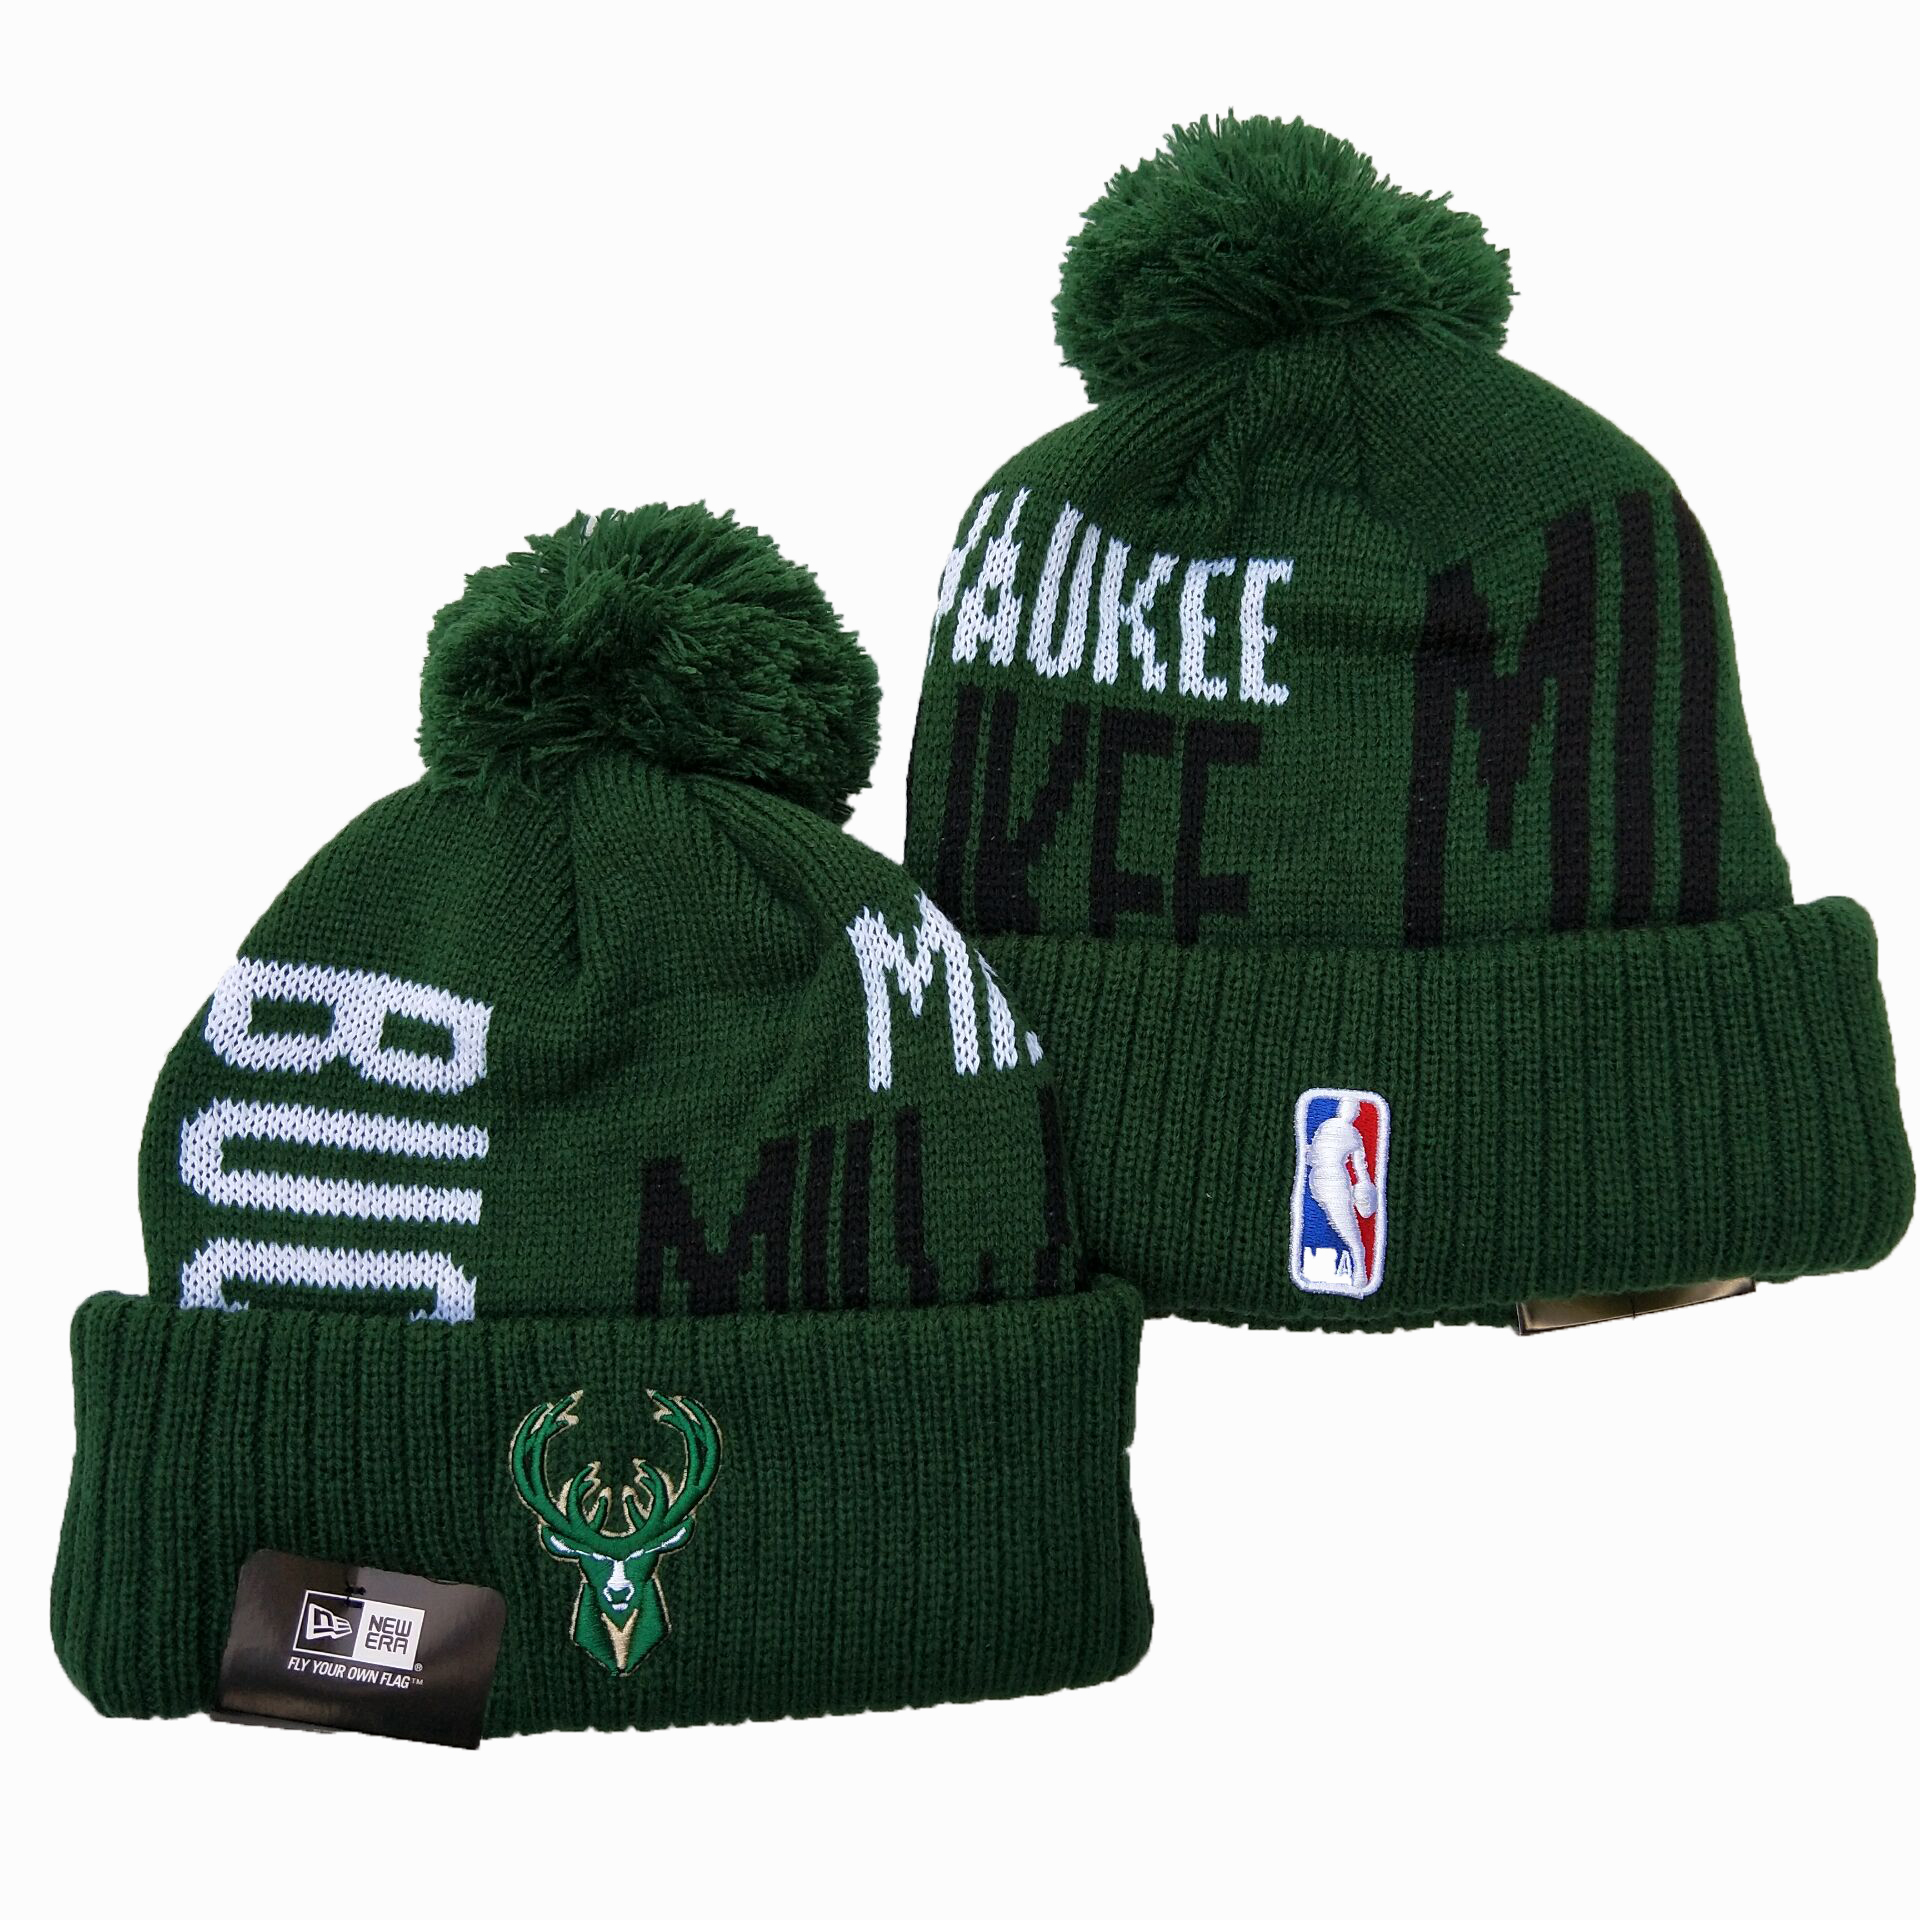 Bucks Team Logo Green Pom Knit Hat YD